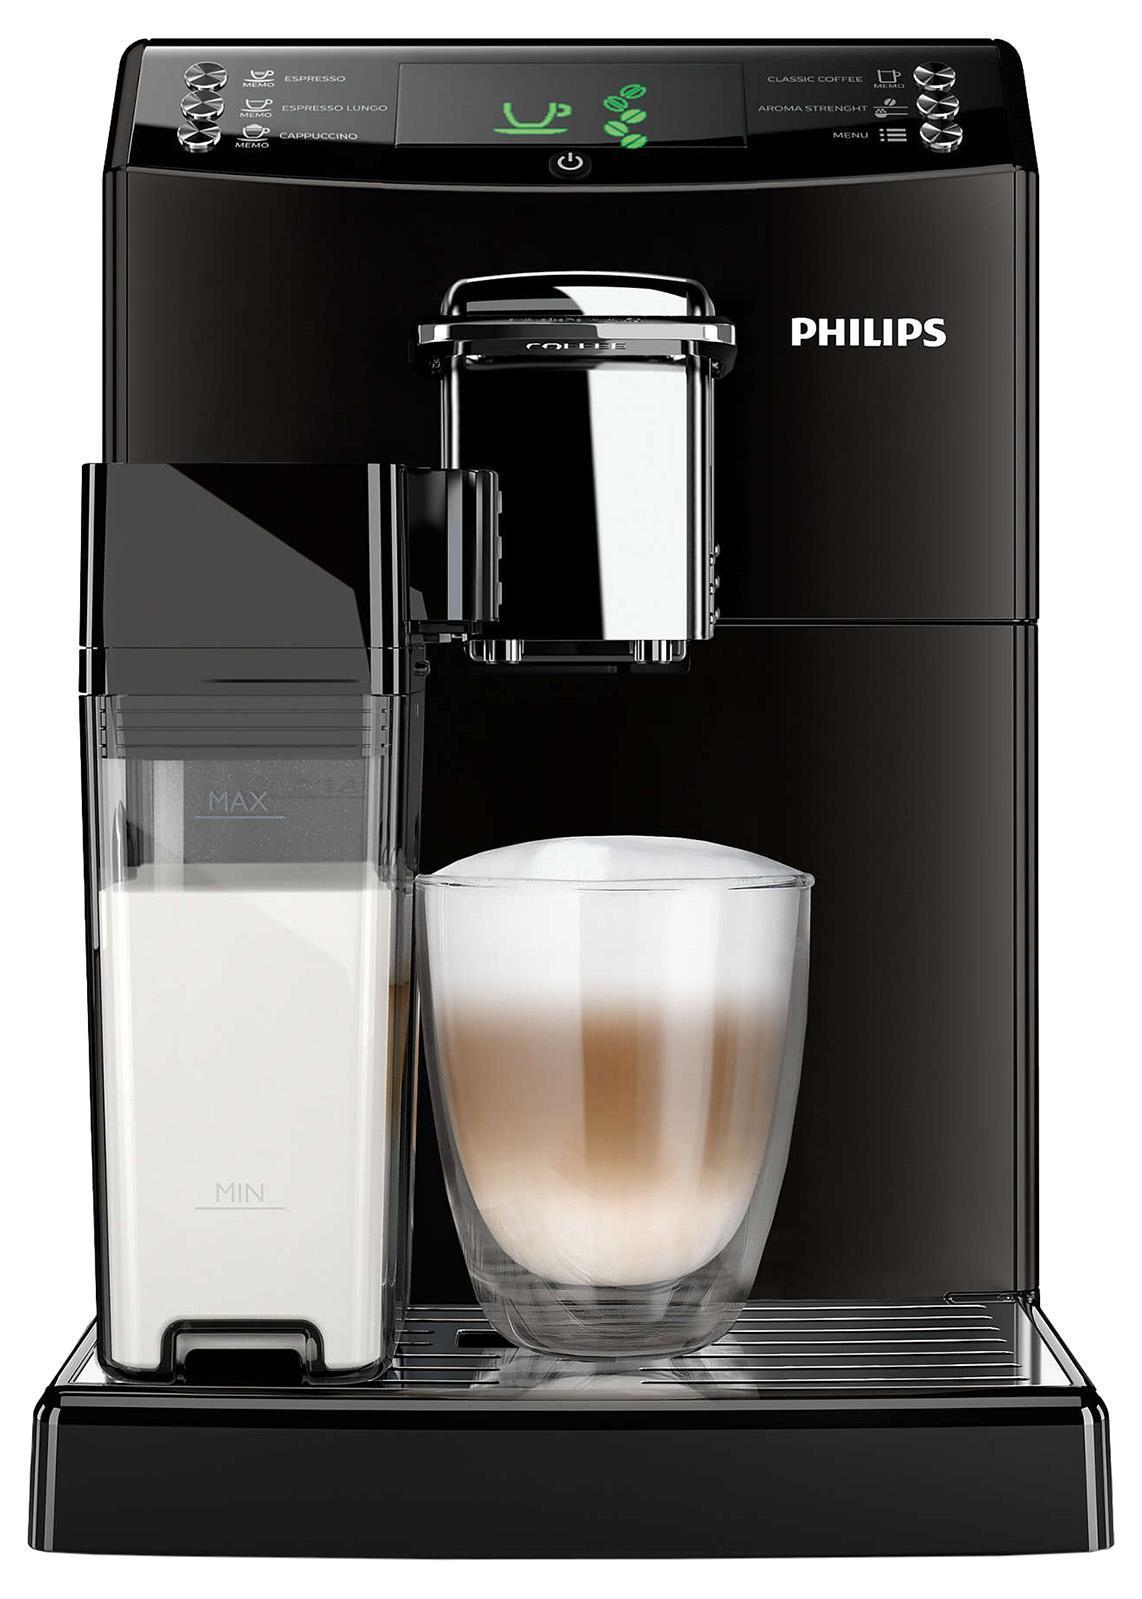 Philips HD8848/09 кофемашинаHD8848/09Эспрессо или классический кофе с помощью функции CoffeeSwitch. Превосходный вкус заварного кофе, приготовленного с помощью автоматической эспрессо-кофемашины! Наслаждайтесь классическим кофе по утрам или крепким эспрессо, просто изменив положение переключателя. Уникальная функция CoffeeSwitch позволяет выбирать идеальный кофейный напиток, приготовленный из свежемолотых зерен, для любого настроения или времени суток. Идеальный капучино с пышной молочной пеной одним нажатием кнопки. Наслаждаться превосходным капучино, приготовленным при идеальной температуре, теперь просто как никогда. Просто наполните молочный кувшин и присоедините его к кофемашине, затем выберите свой напиток. Будет ли это капучино или просто взбитое молоко, приготовление займет всего несколько секунд. При этом не будет никаких брызг. Потрясающий вкус благодаря 100%-но керамическим жерновам. Забудьте о жженом привкусе кофе благодаря 100%-но керамическим жерновам, которые не перегревают зерна. Керамика гарантирует...